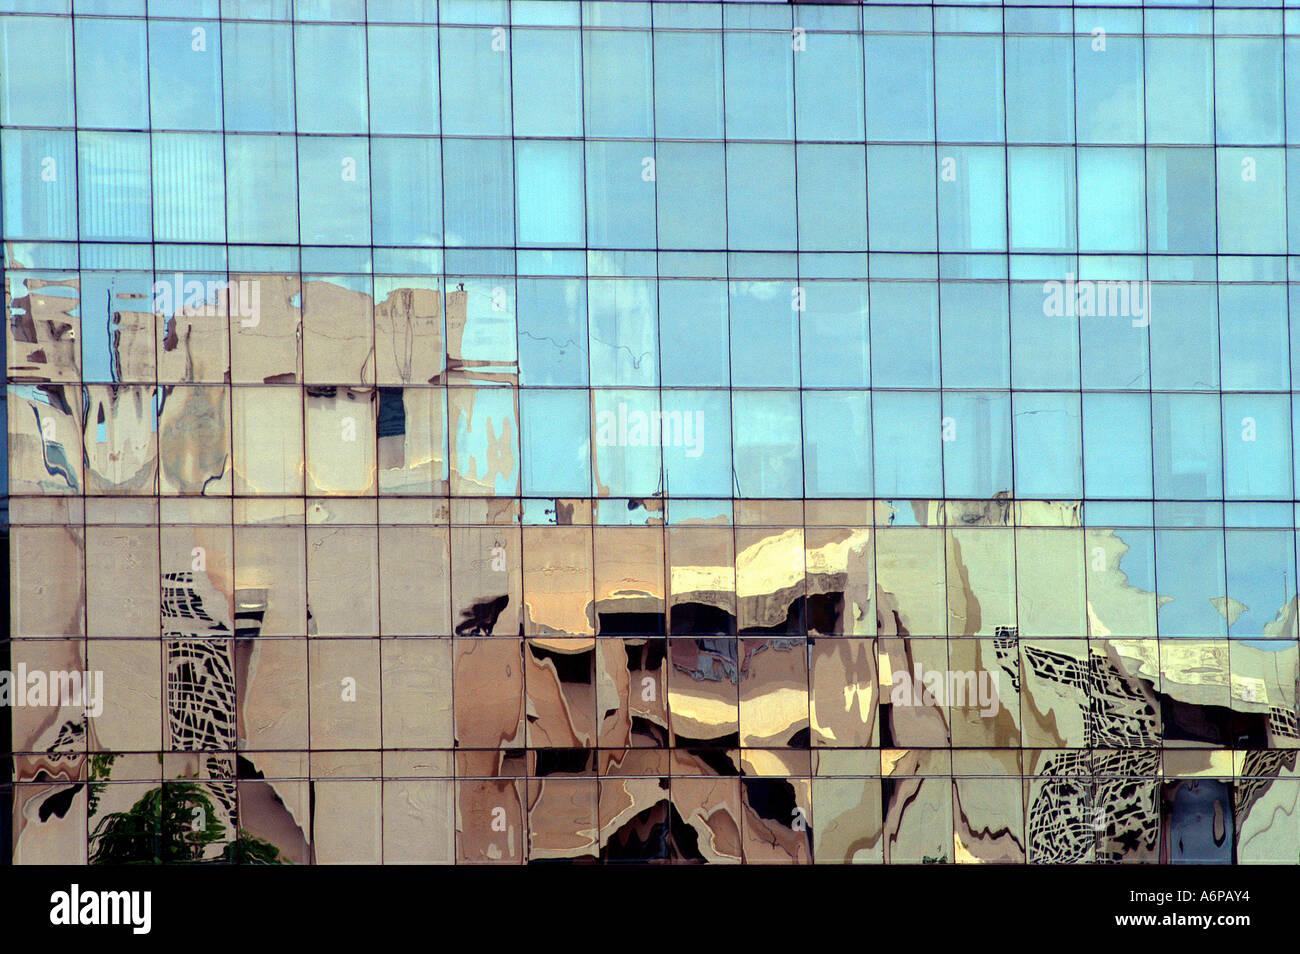 La riflessione di edificio sul moderno edificio di vetro nella città di Bangalore Karnataka India Immagini Stock